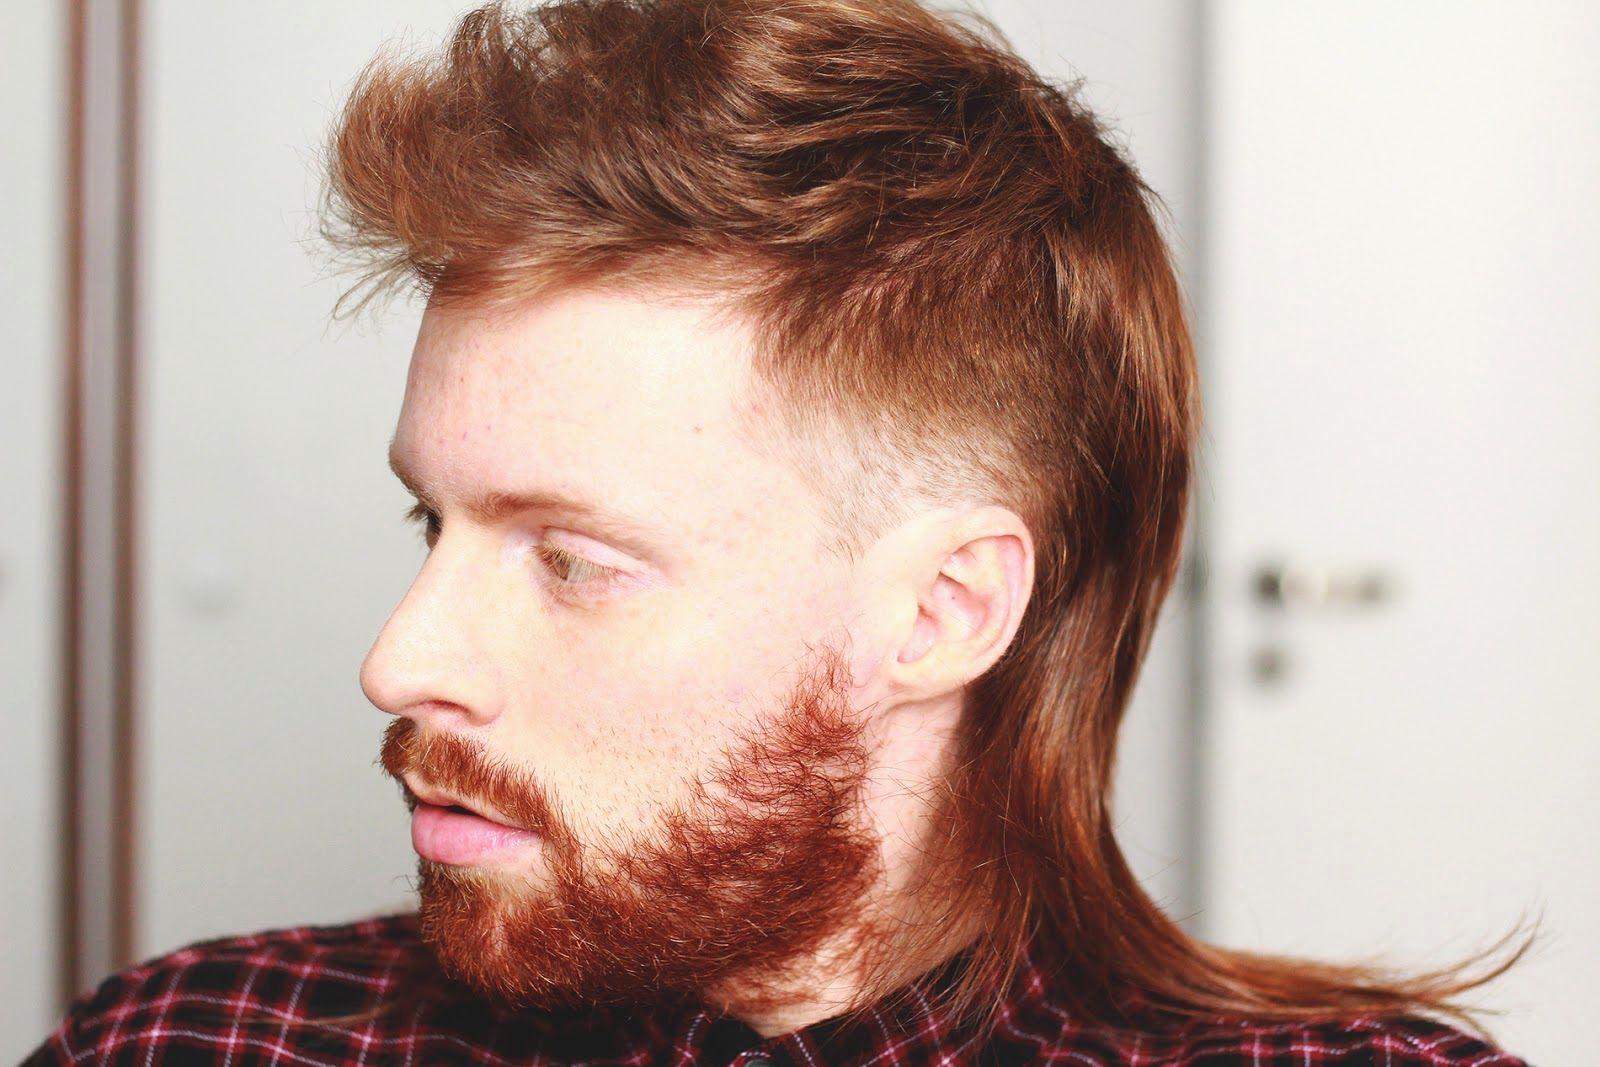 new corte de cabelo masculino cabelo liso foto-Top Corte De Cabelo Masculino Cabelo Liso Galeria